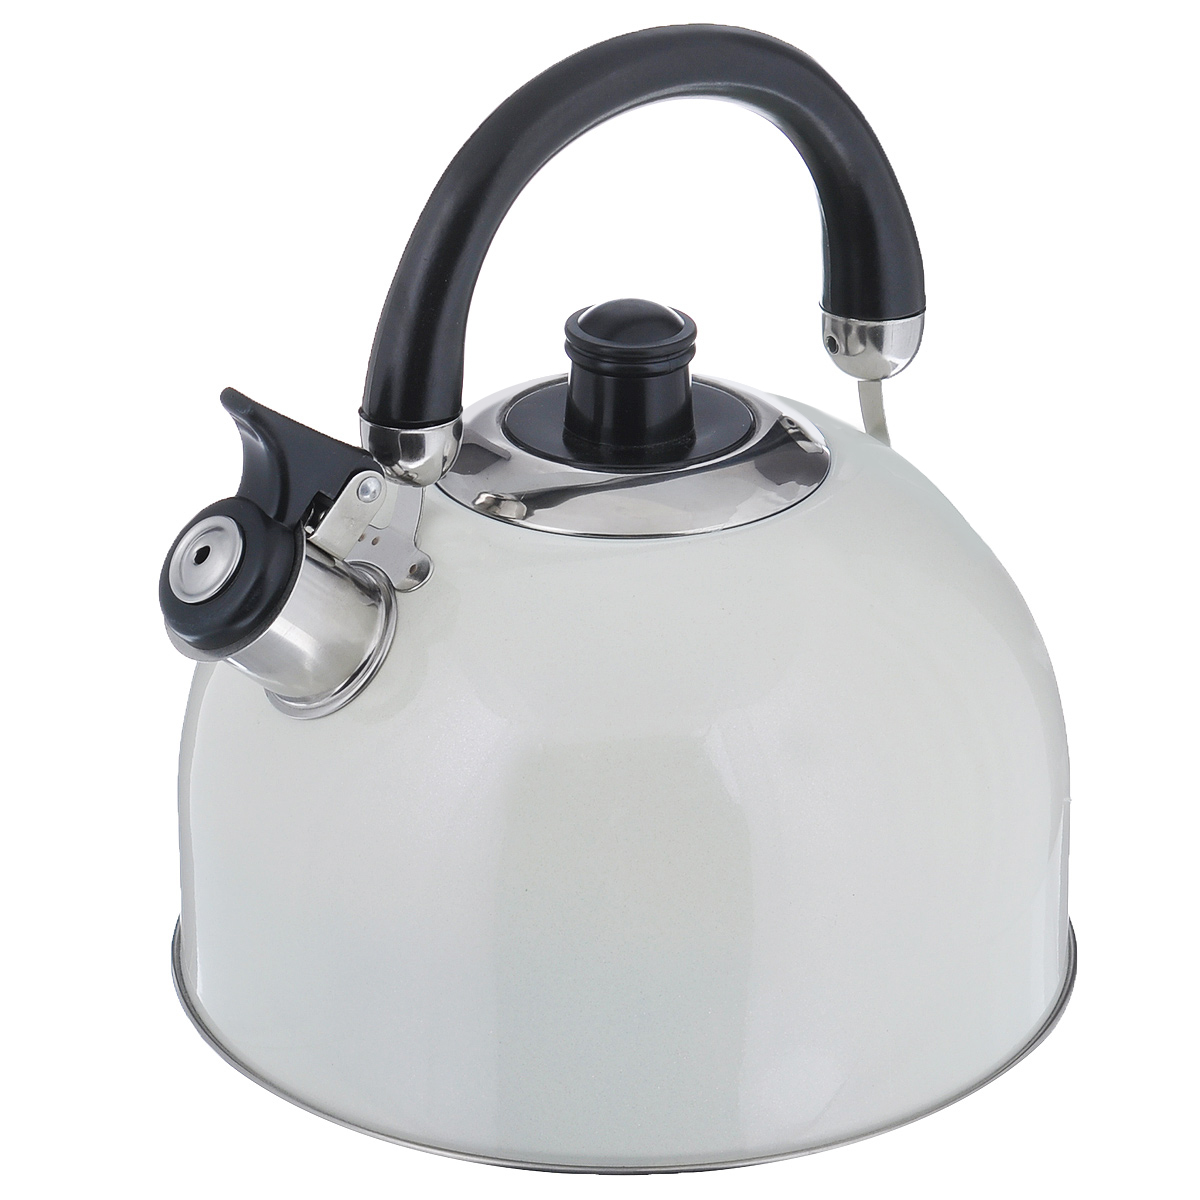 Чайник Mayer & Boch Modern со свистком, цвет: молочный, 2,7 л. 23595-223595-2Чайник Mayer & Boch Modern выполнен из высококачественной нержавеющей стали, что обеспечивает долговечность использования. Внешнее цветное эмалевоепокрытие придает приятный внешний вид. Подвижная ручка из бакелита делает использование чайника очень удобным и безопасным. Чайник снабжен свистком и устройством для открывания носика.Можно мыть в посудомоечной машине. Пригоден для всех видов плит, включая индукционные.Высота чайника (без учета крышки и ручки): 11,5 см.Диаметр основания: 20 см.